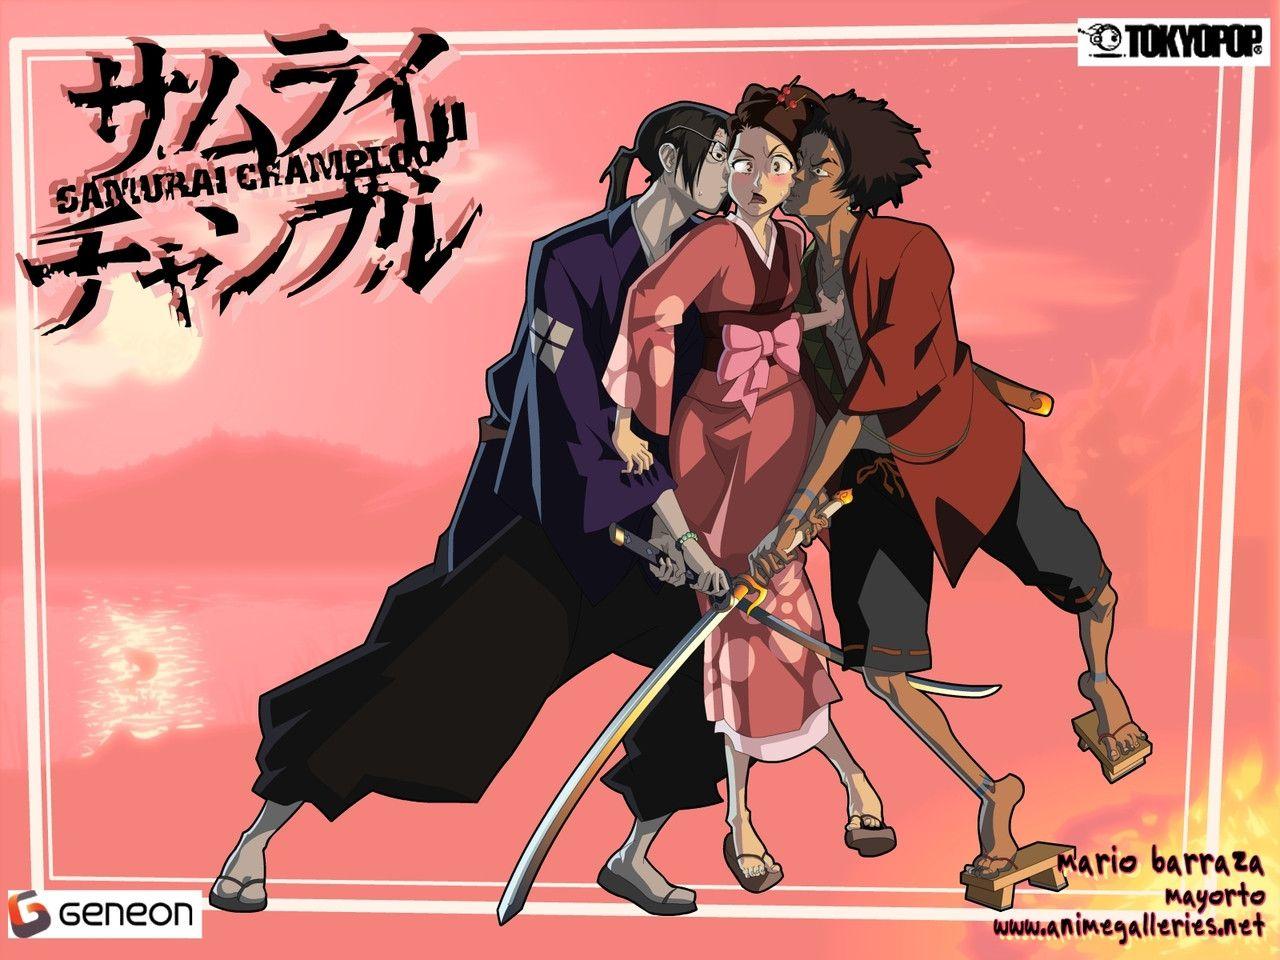 Samurai Champloo - nguonphim_net